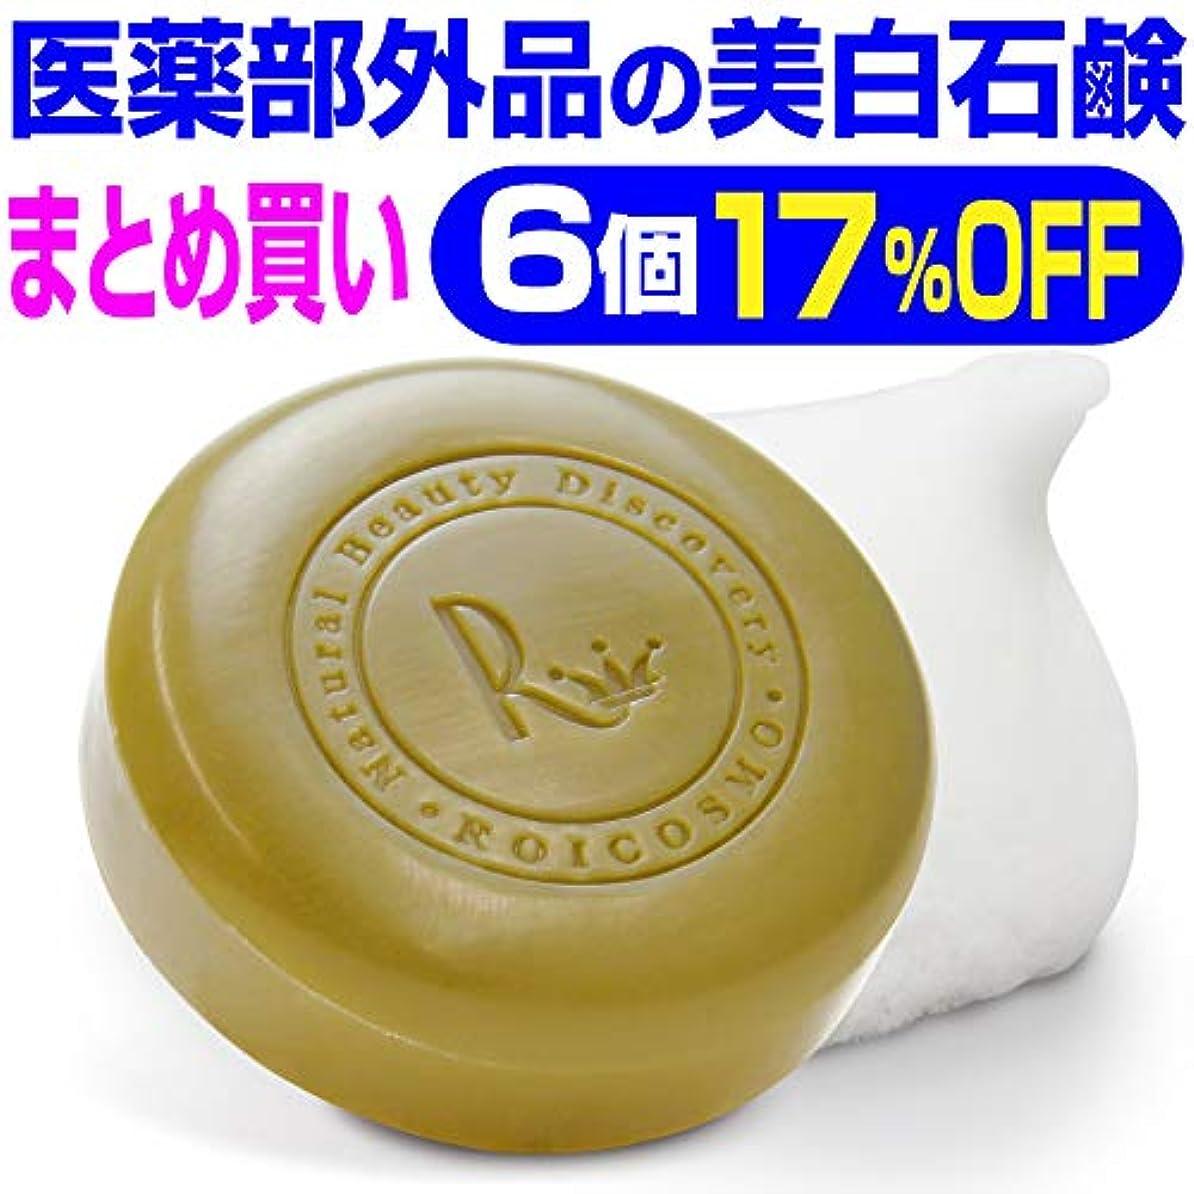 しみゲーム使役6個まとめ買い17%OFF 美白石鹸/ビタミンC270倍の美白成分配合の 洗顔石鹸『ホワイトソープ100g×6個』